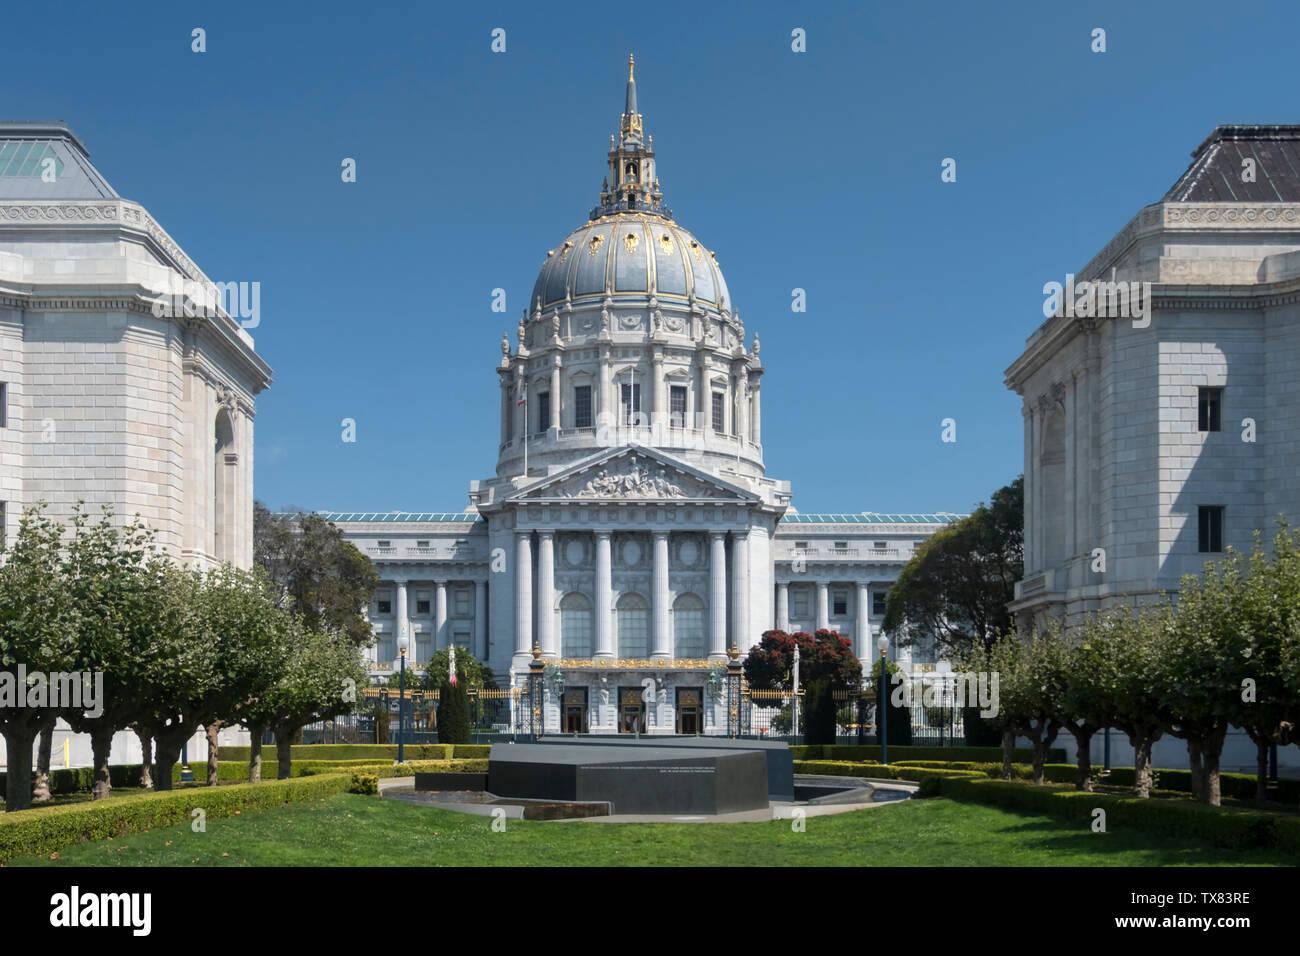 L'Hôtel de ville de San Francisco, San Francisco, California, USA Banque D'Images